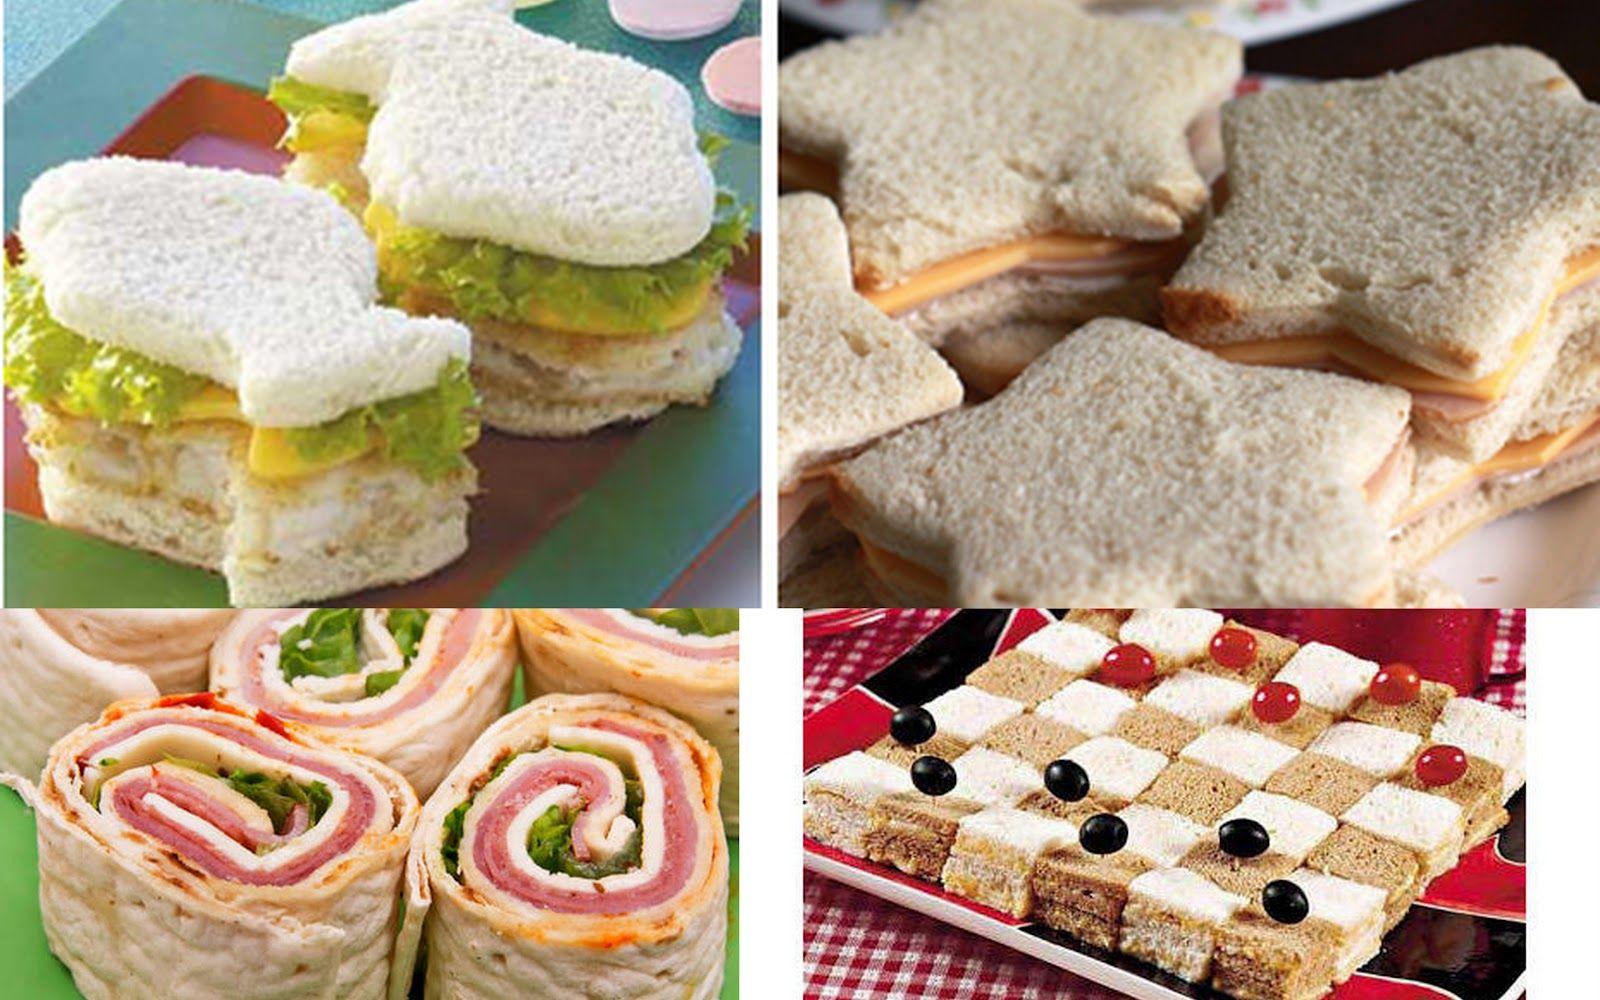 El Mejor Producto Que Ofrecemos A Caterings Comidas Para Fiestas Infantiles Bocadillos Para Fiestas Infantiles Comida Fiesta Infantil